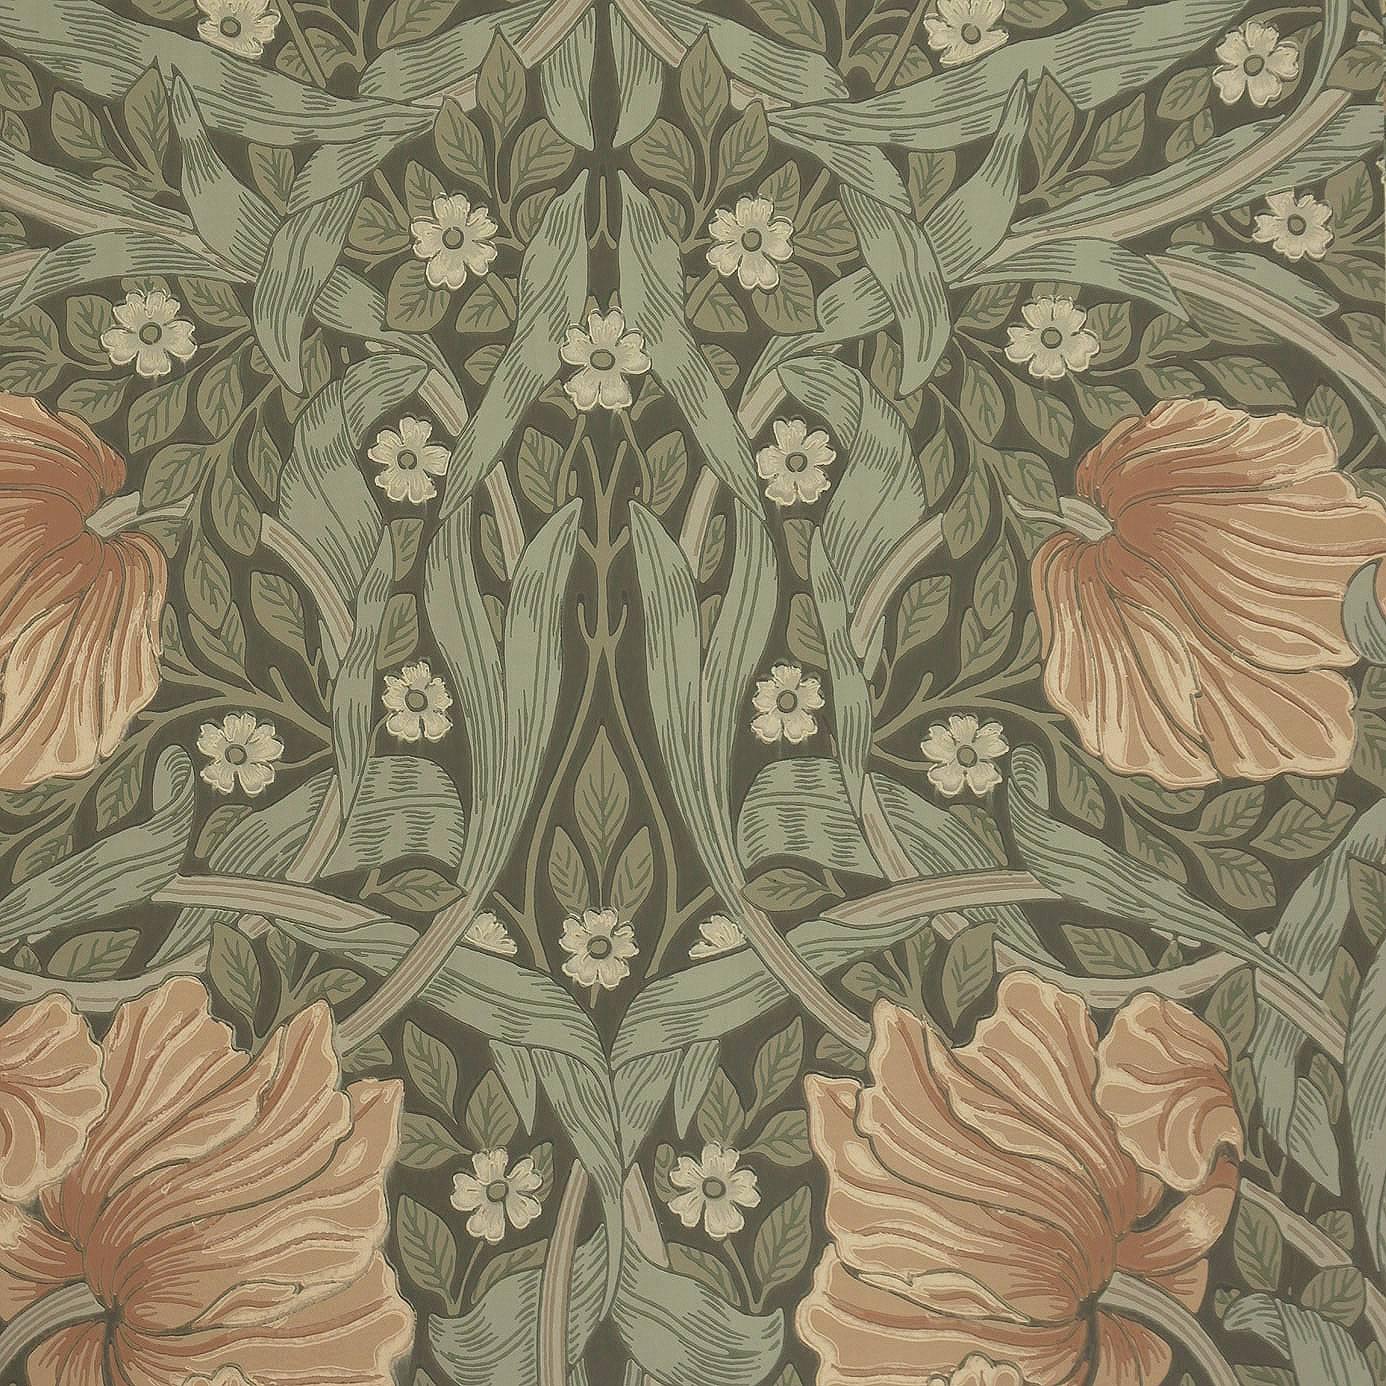 [50+] William Morris Wallpaper Borders on WallpaperSafari